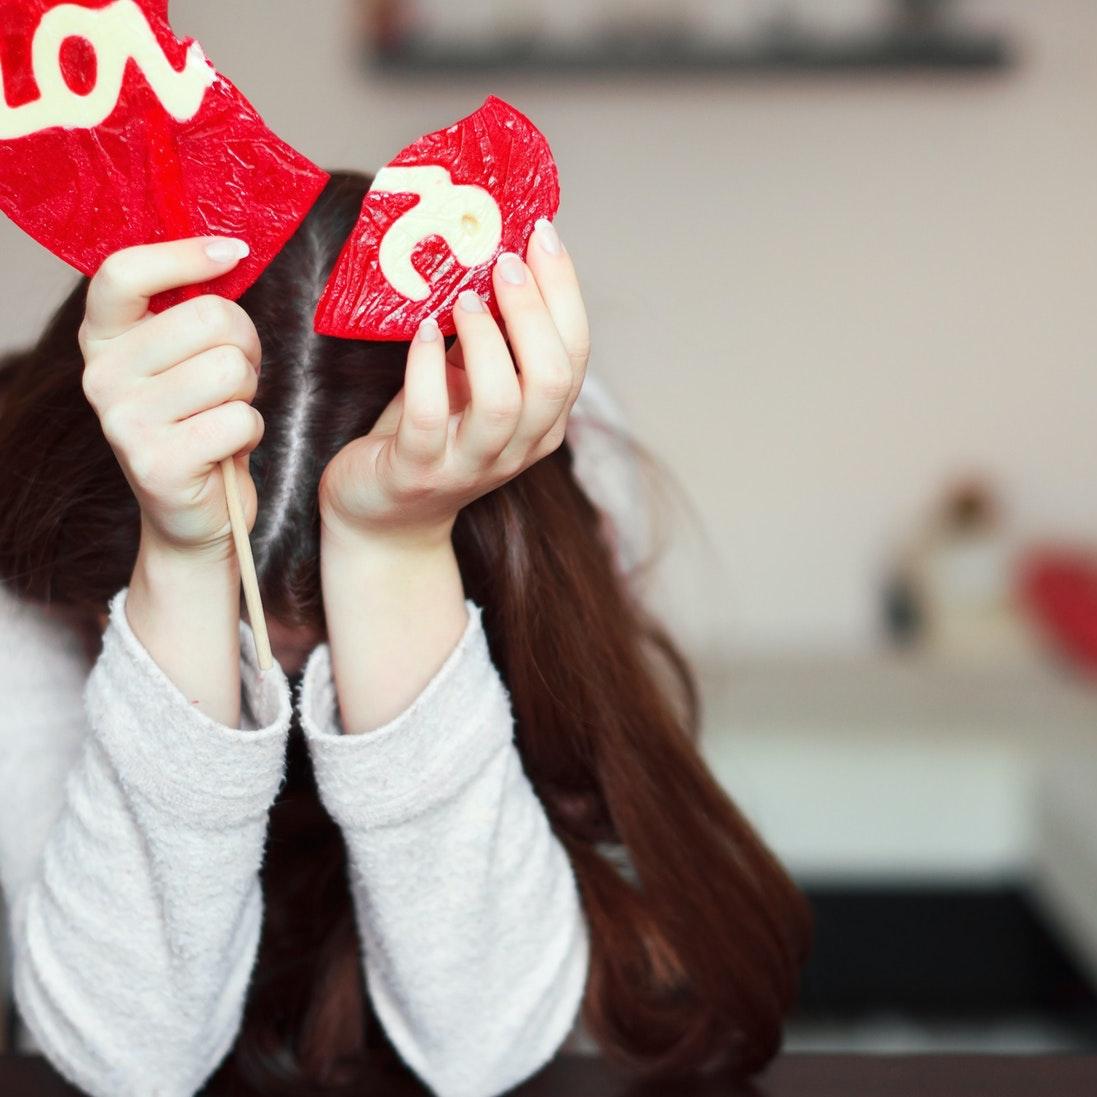 kærestesorger